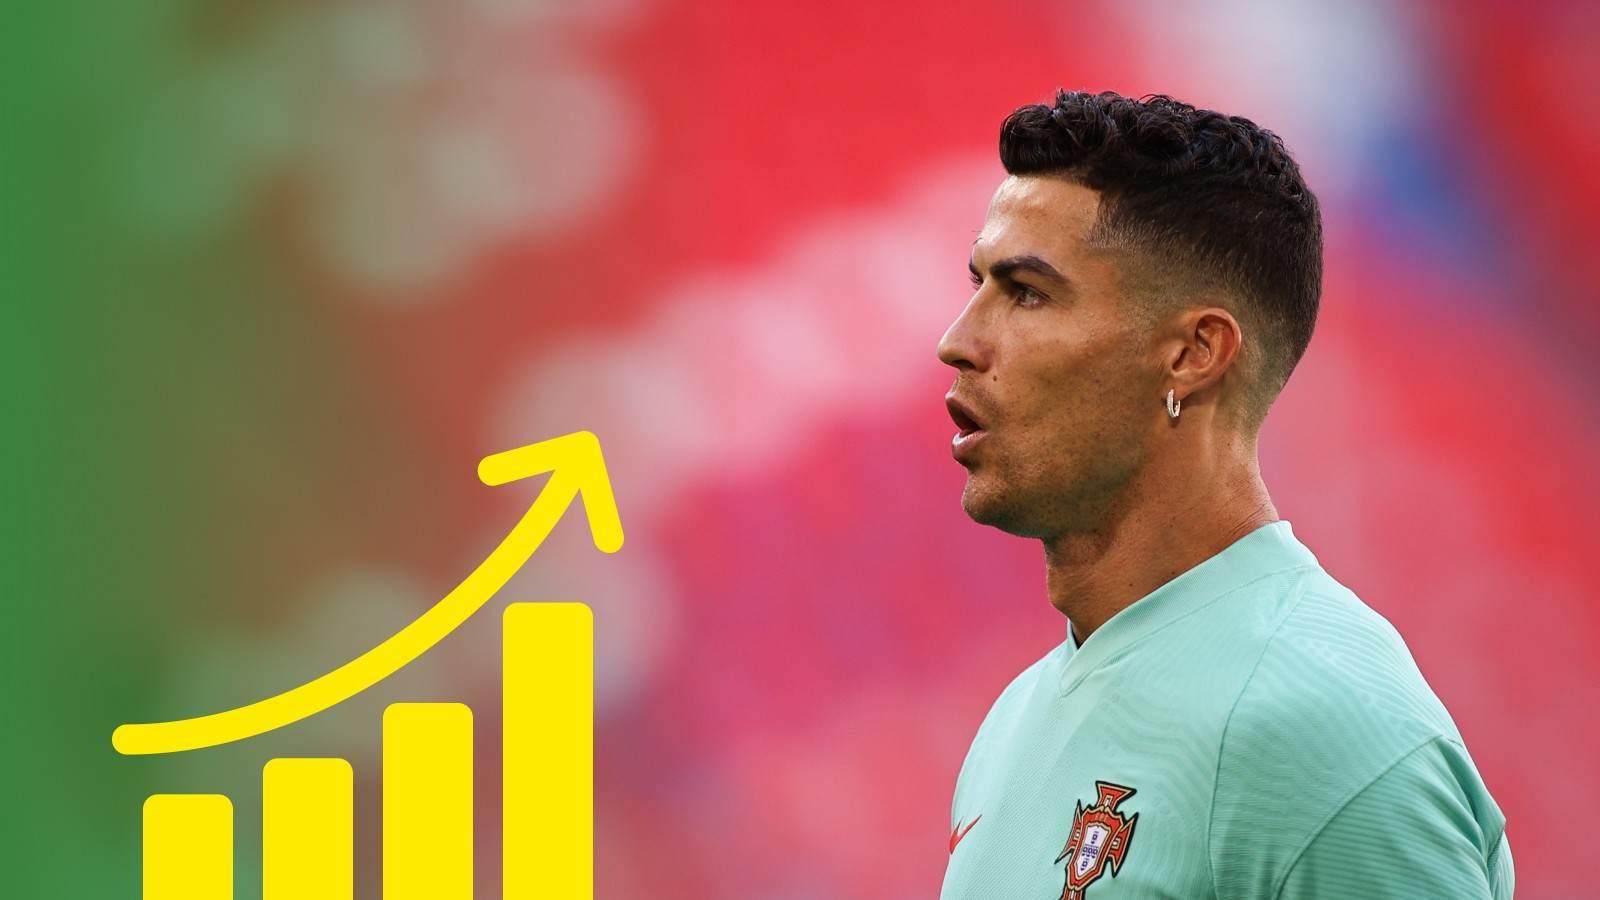 Какие рекорды Роналду ещё может побить в «Манчестер Юнайтед»